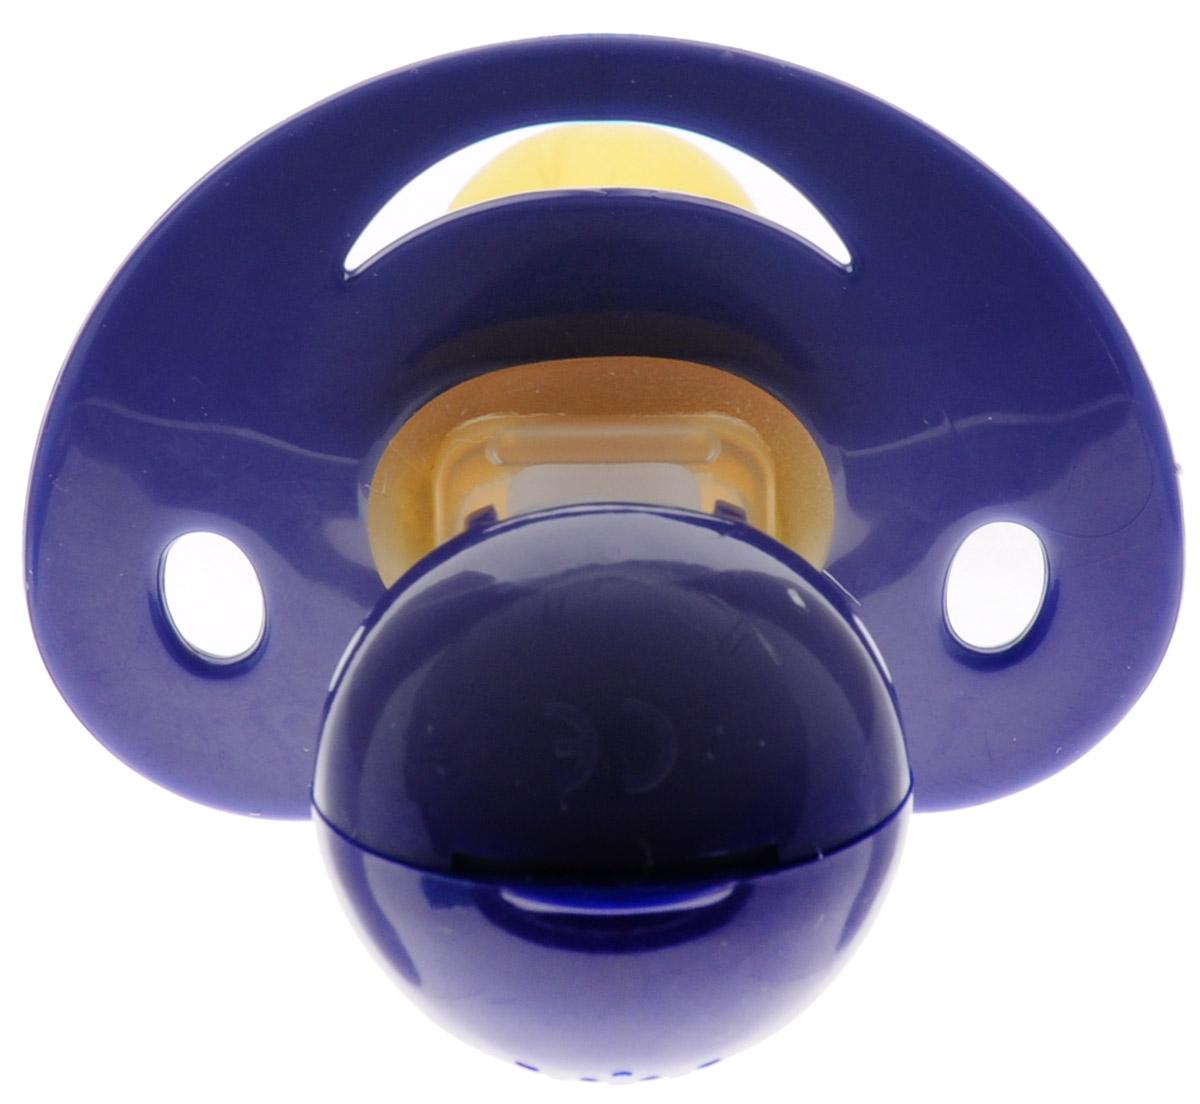 Baby-Frank Пустышка латексная для ингаляции от 0 до 6 месяцев цвет темно-синий